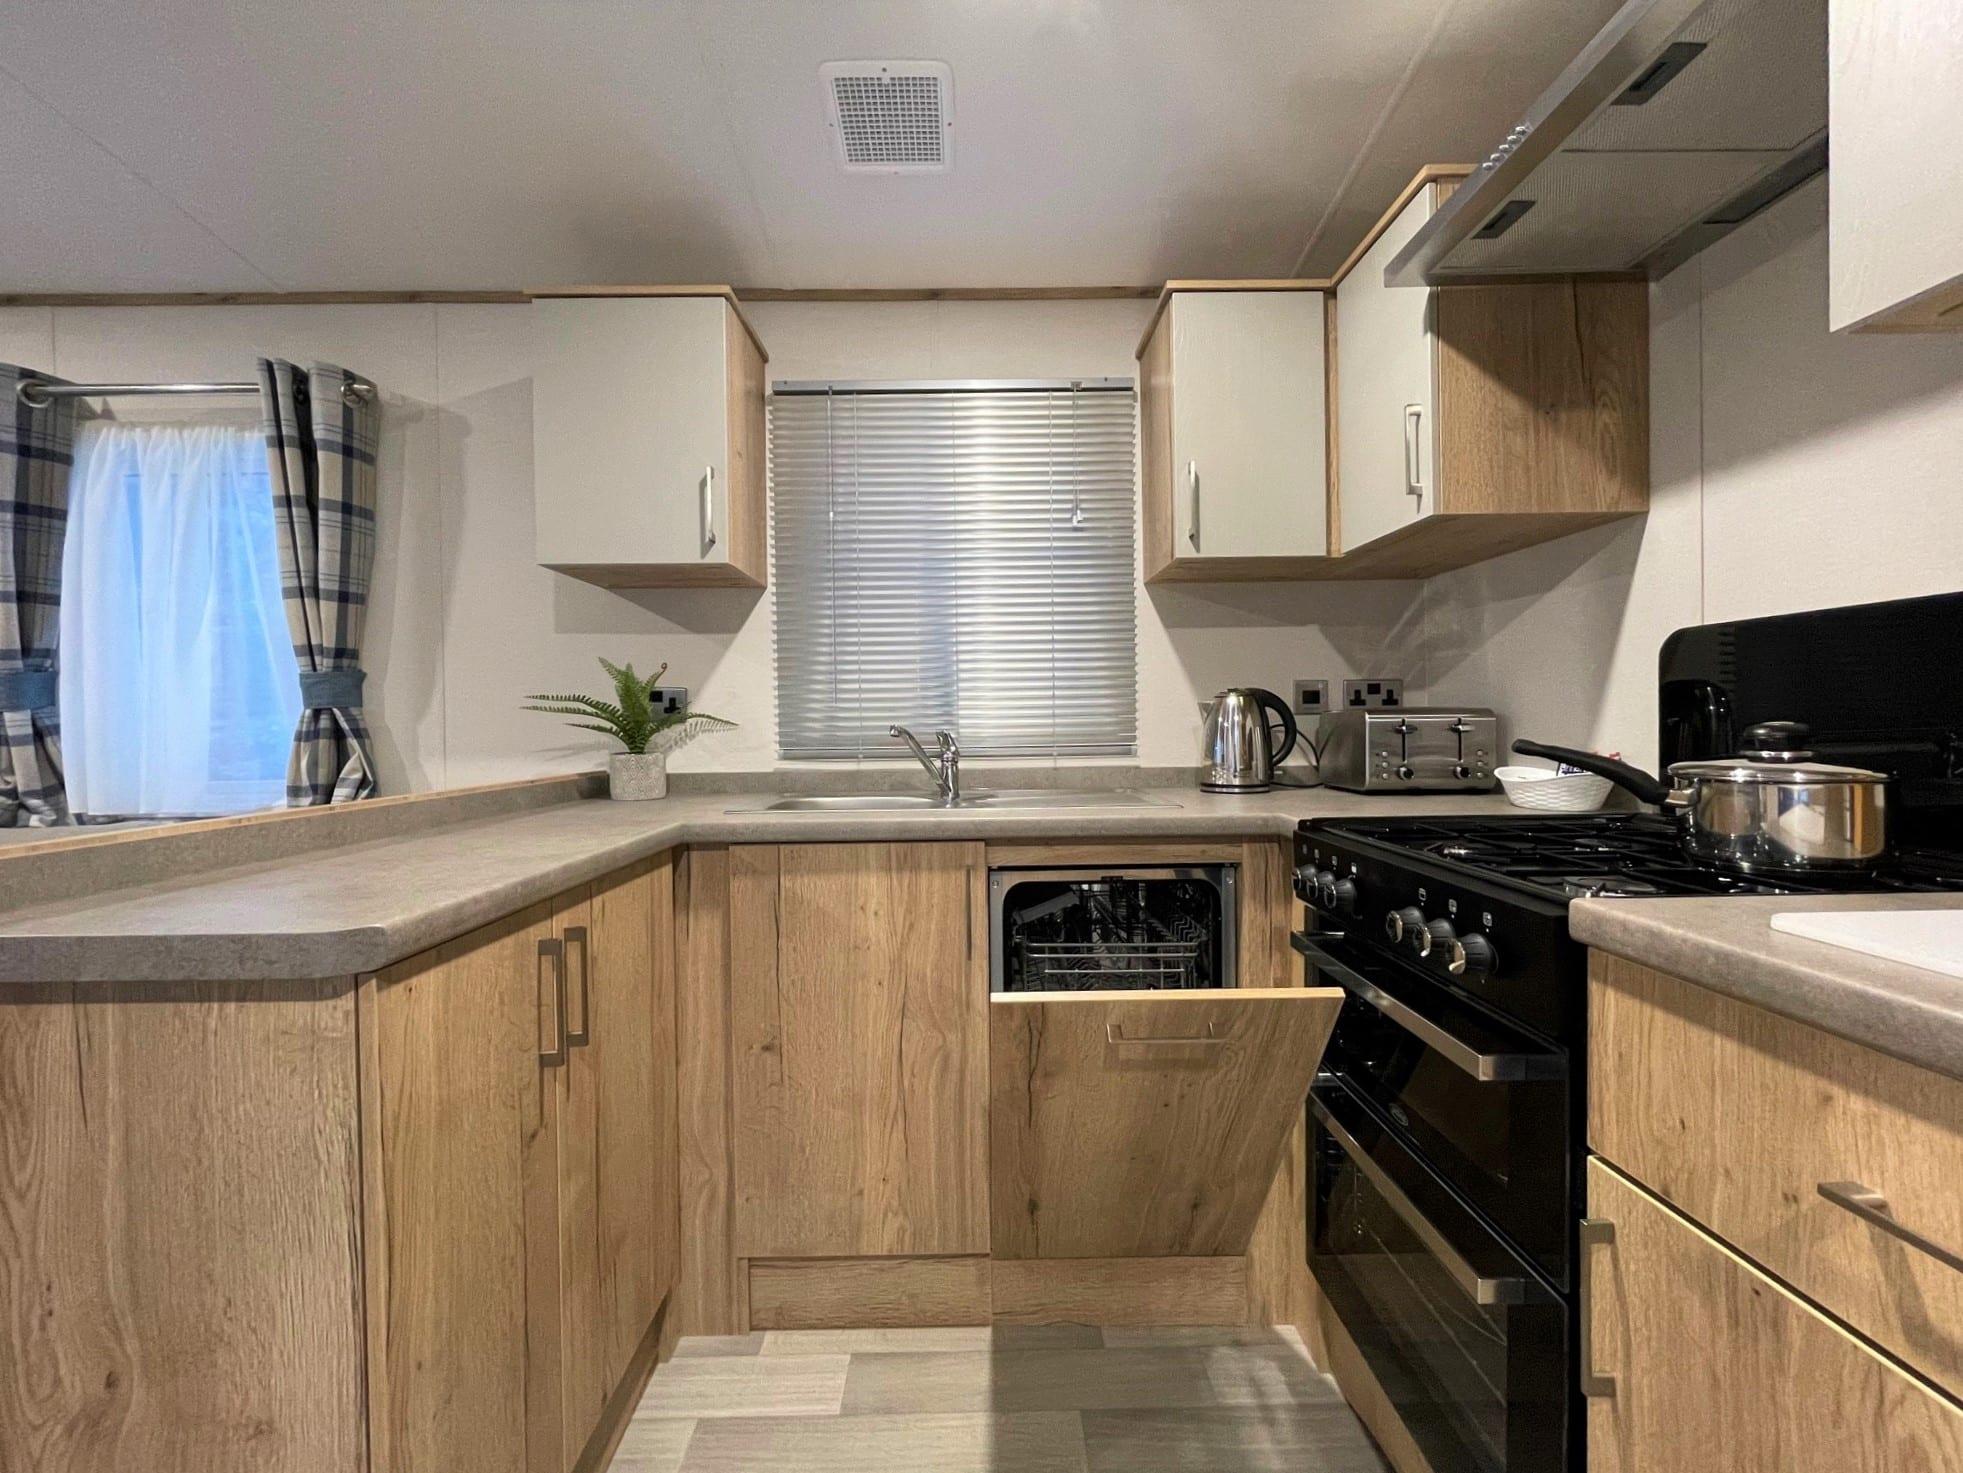 Holgates Holiday parks - Lancashire - Kitchen